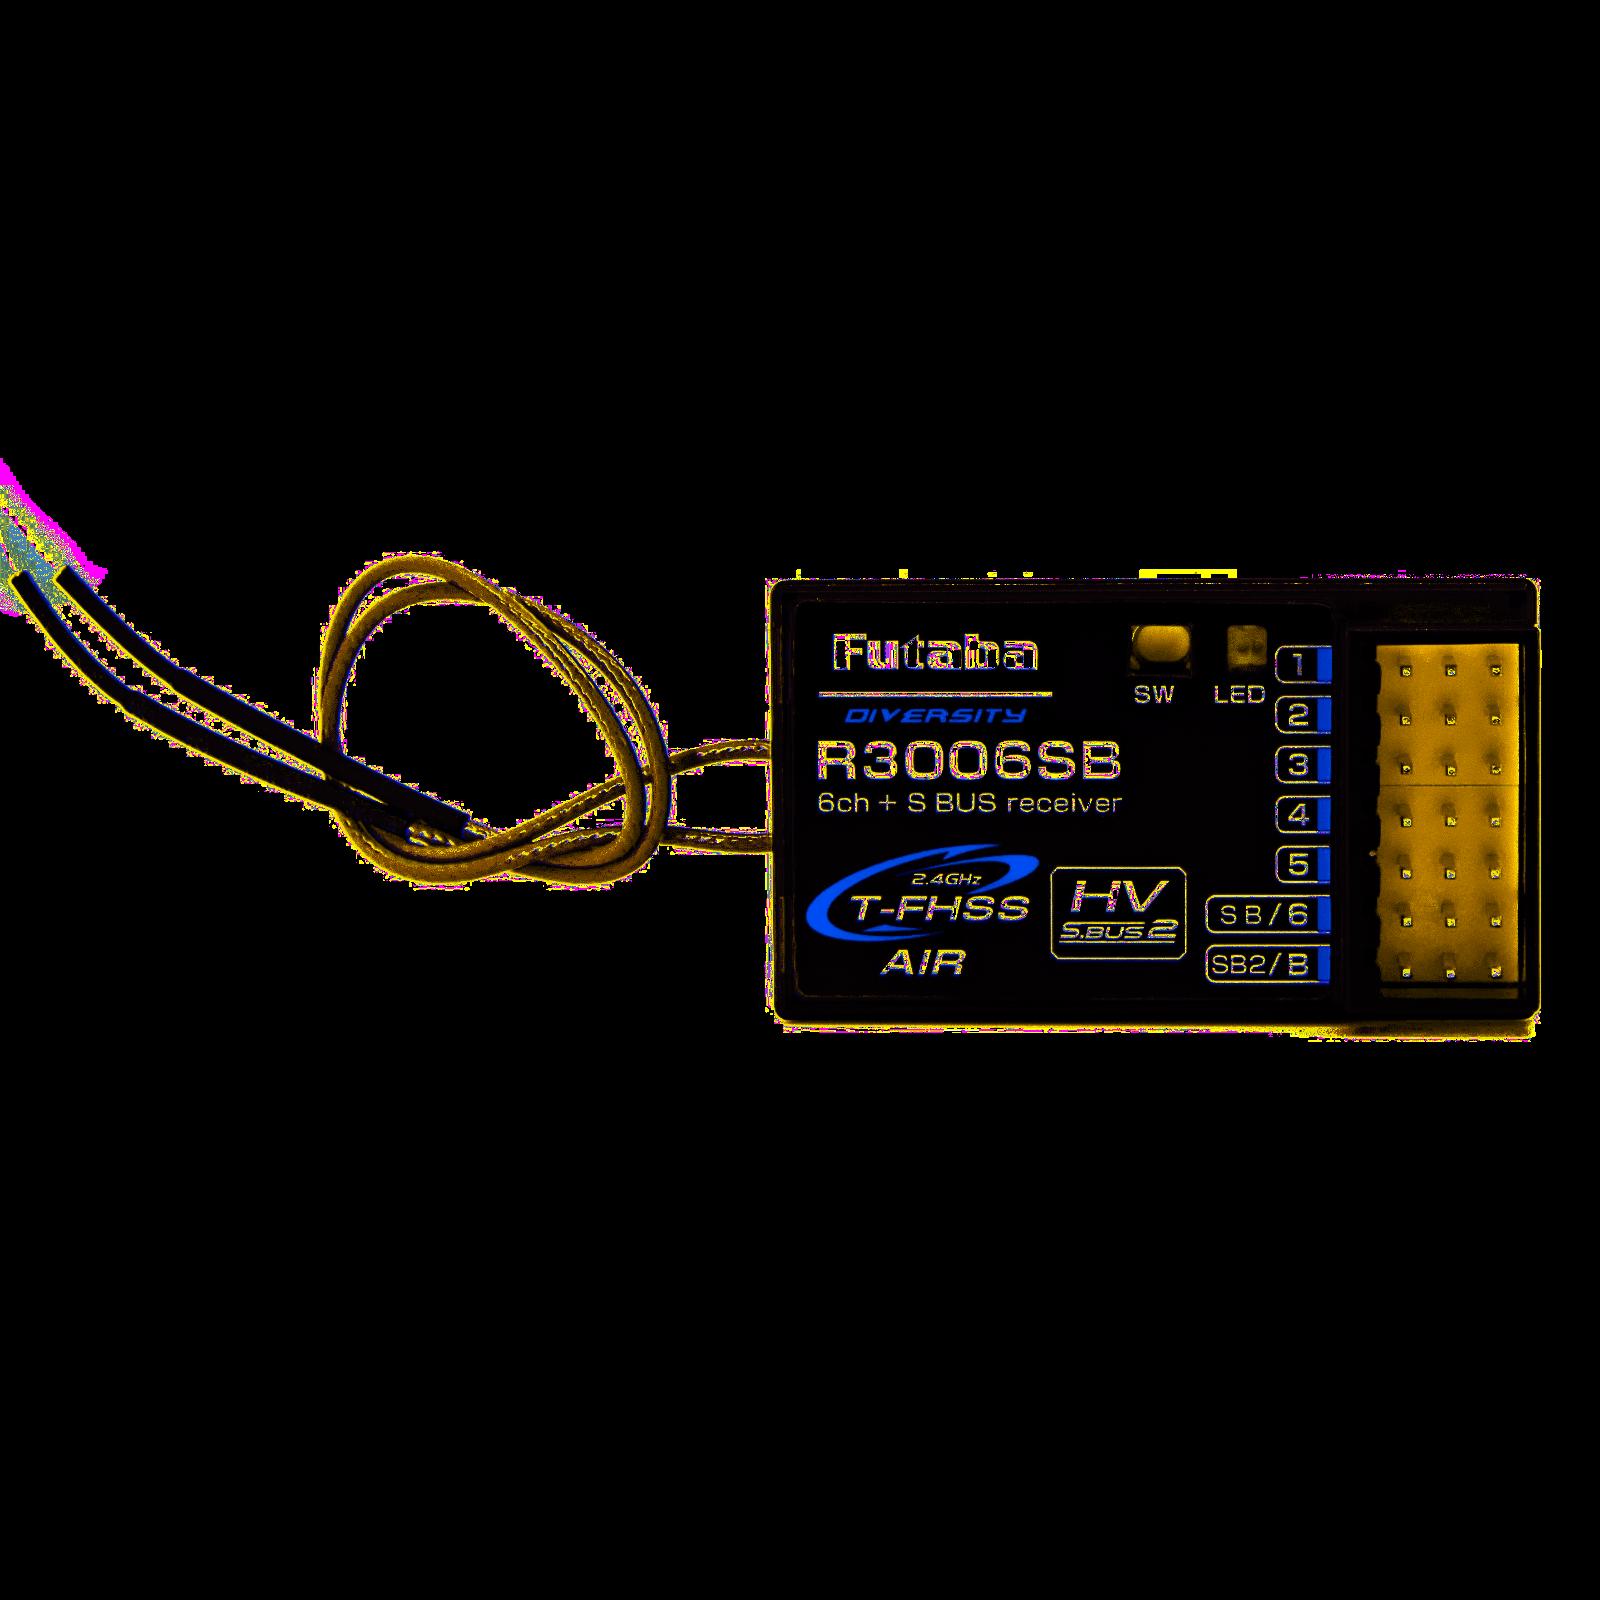 S-Bus HV 2.4GHz R3006SB Futaba R3006SB  6 Channel Receiver T-FHSS